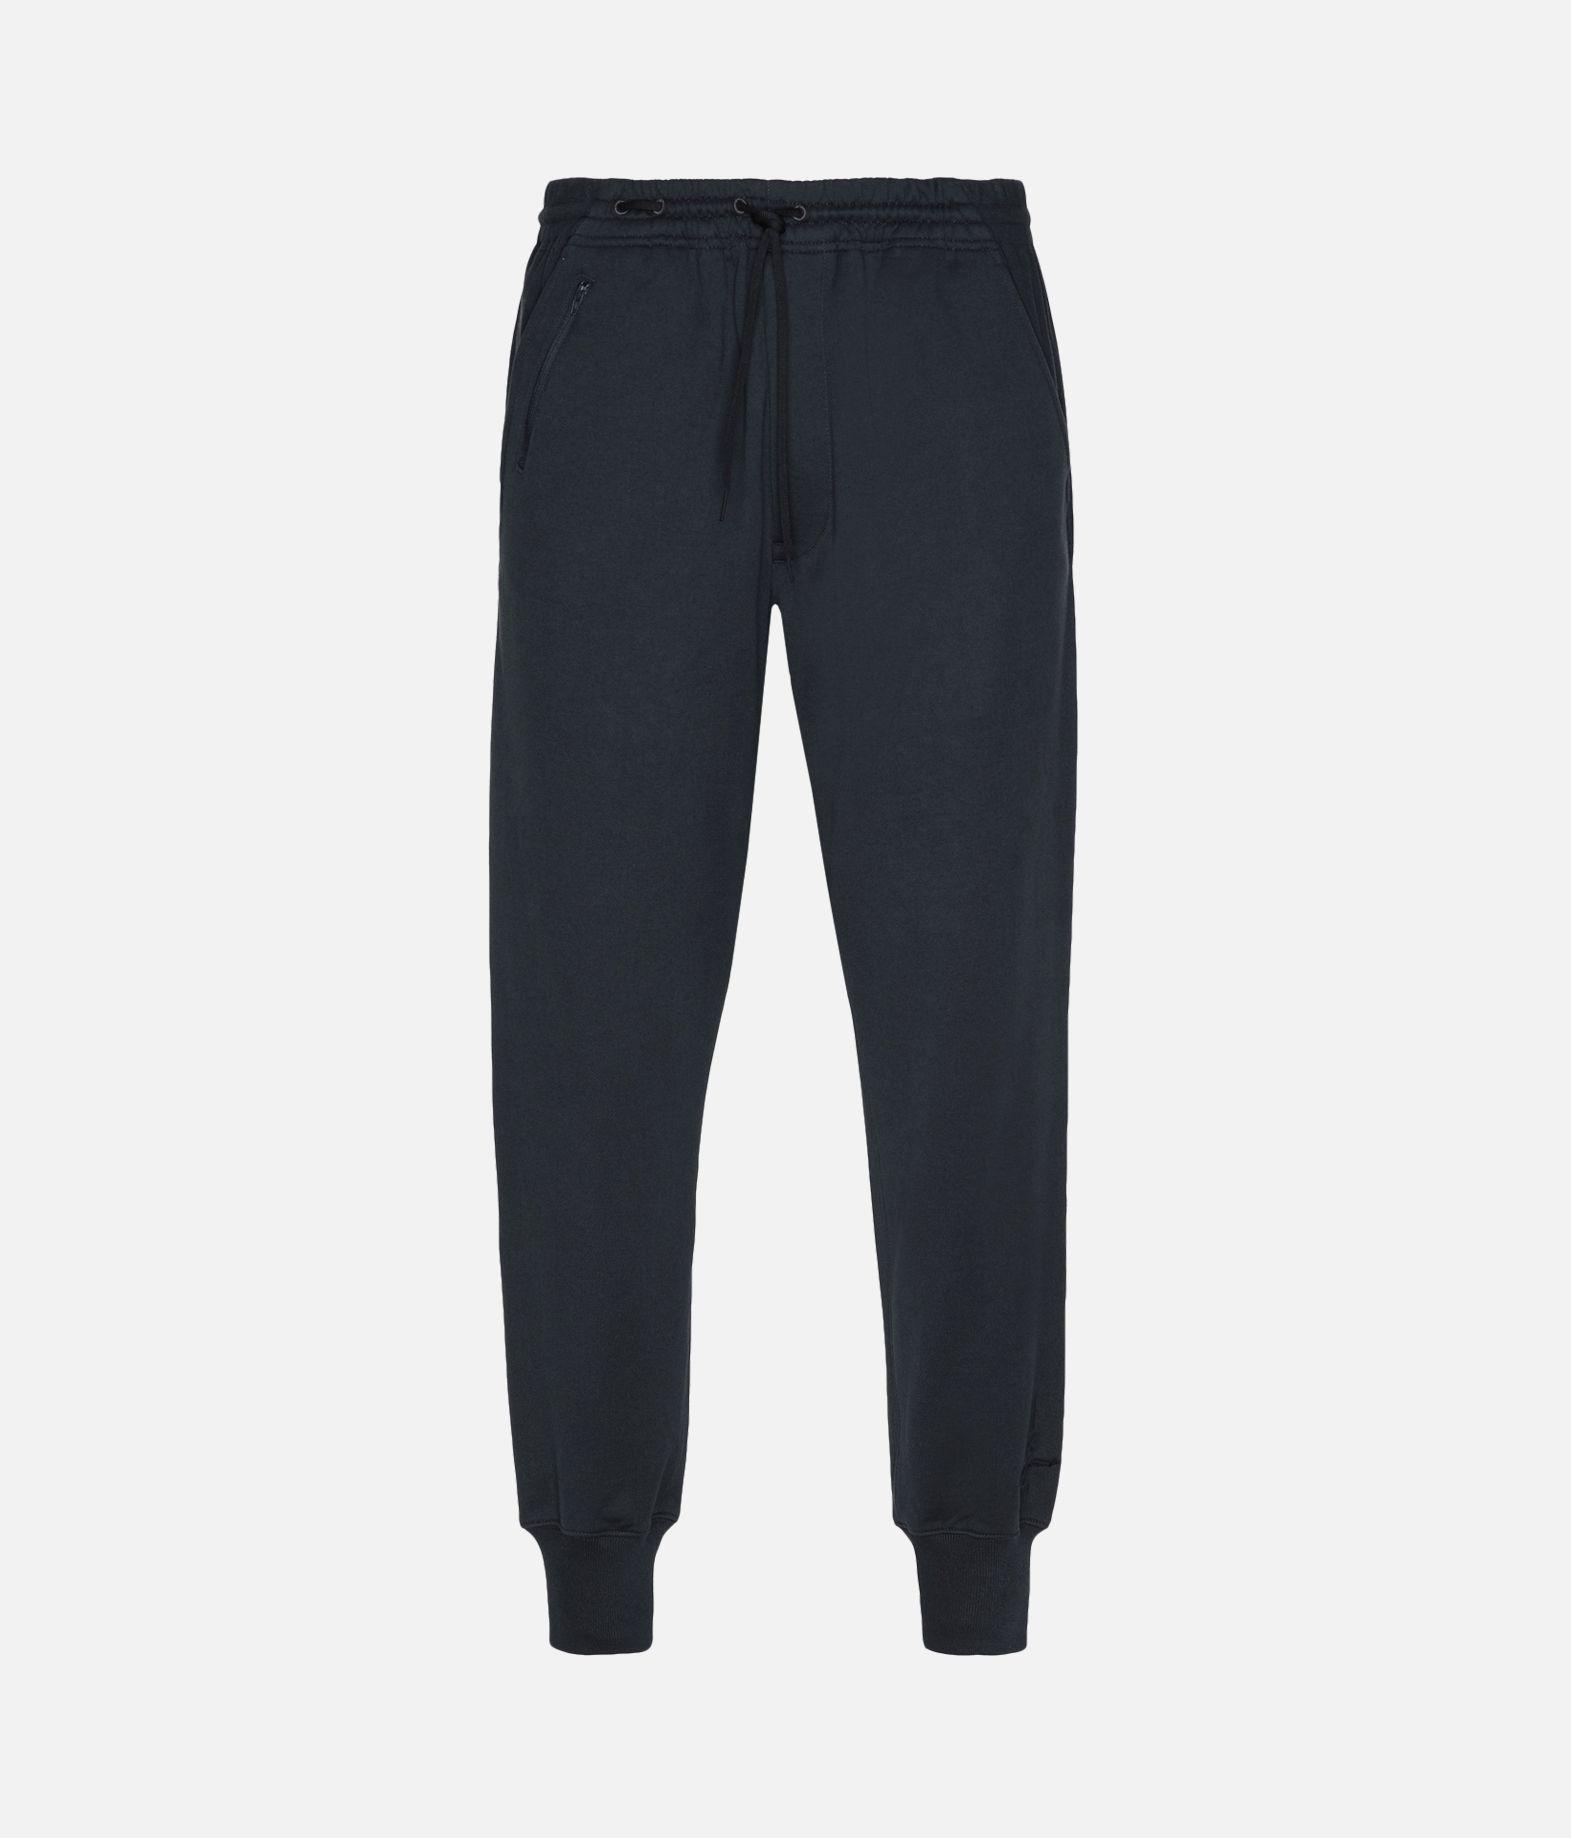 Y-3 Y-3 Classic Cuffed Pants Спортивные брюки Для Мужчин f